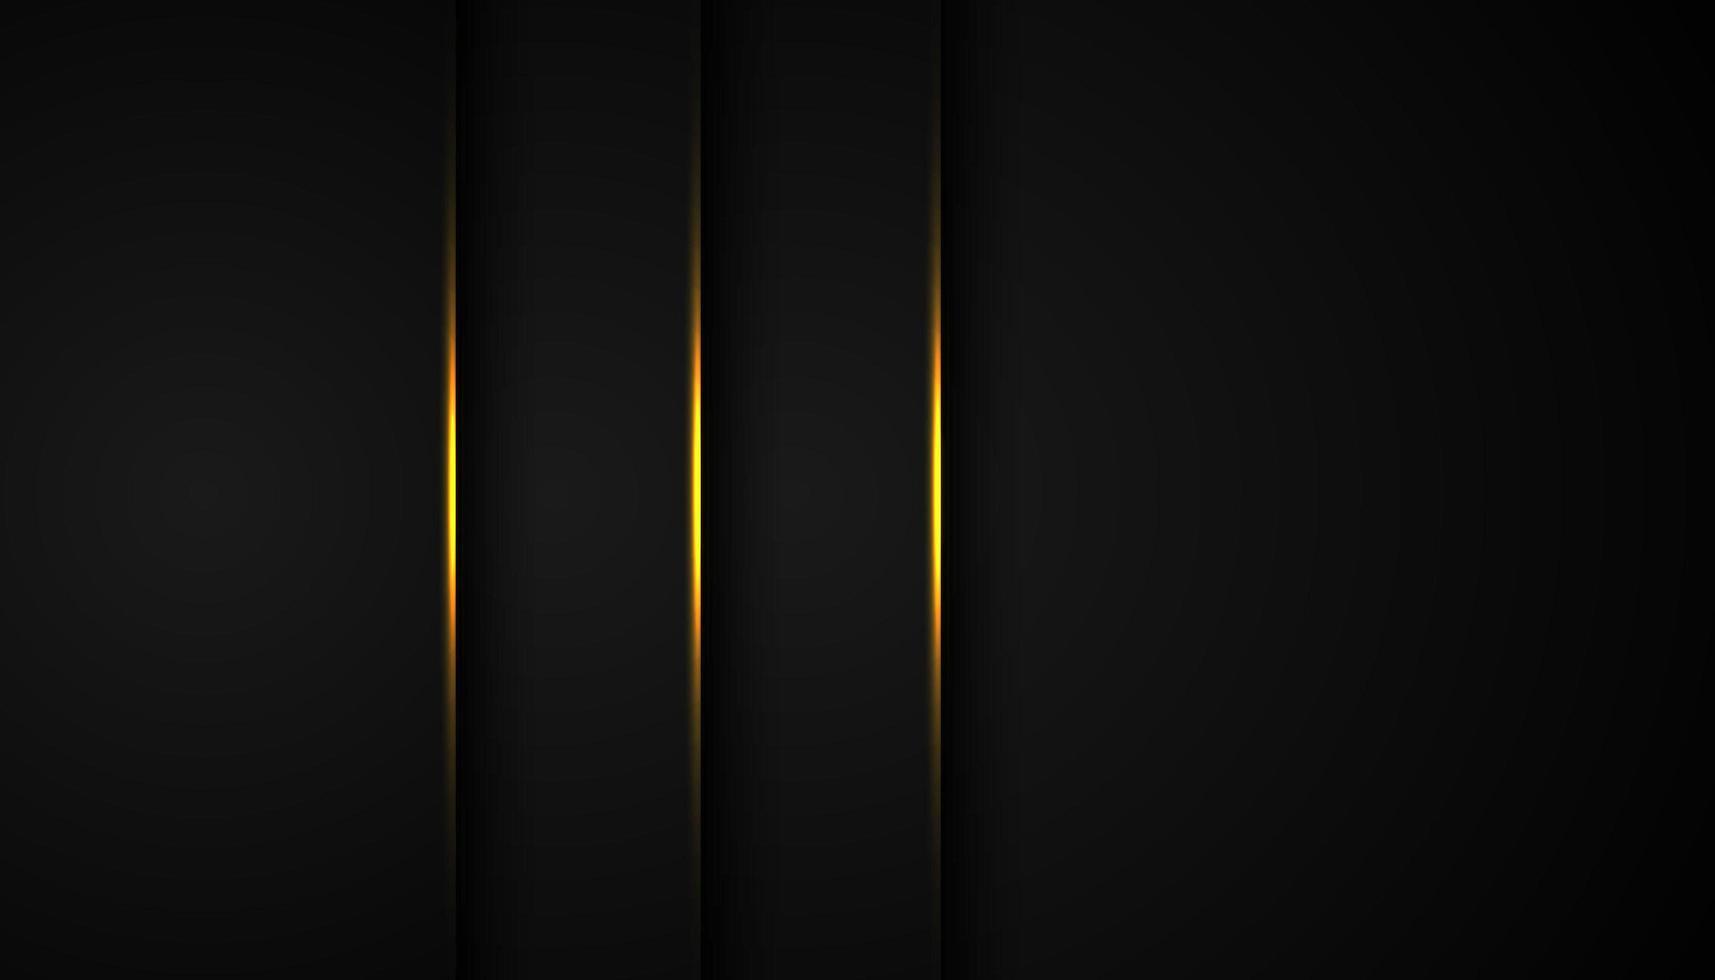 Fondo abstracto negro con capas verticales rectas vector